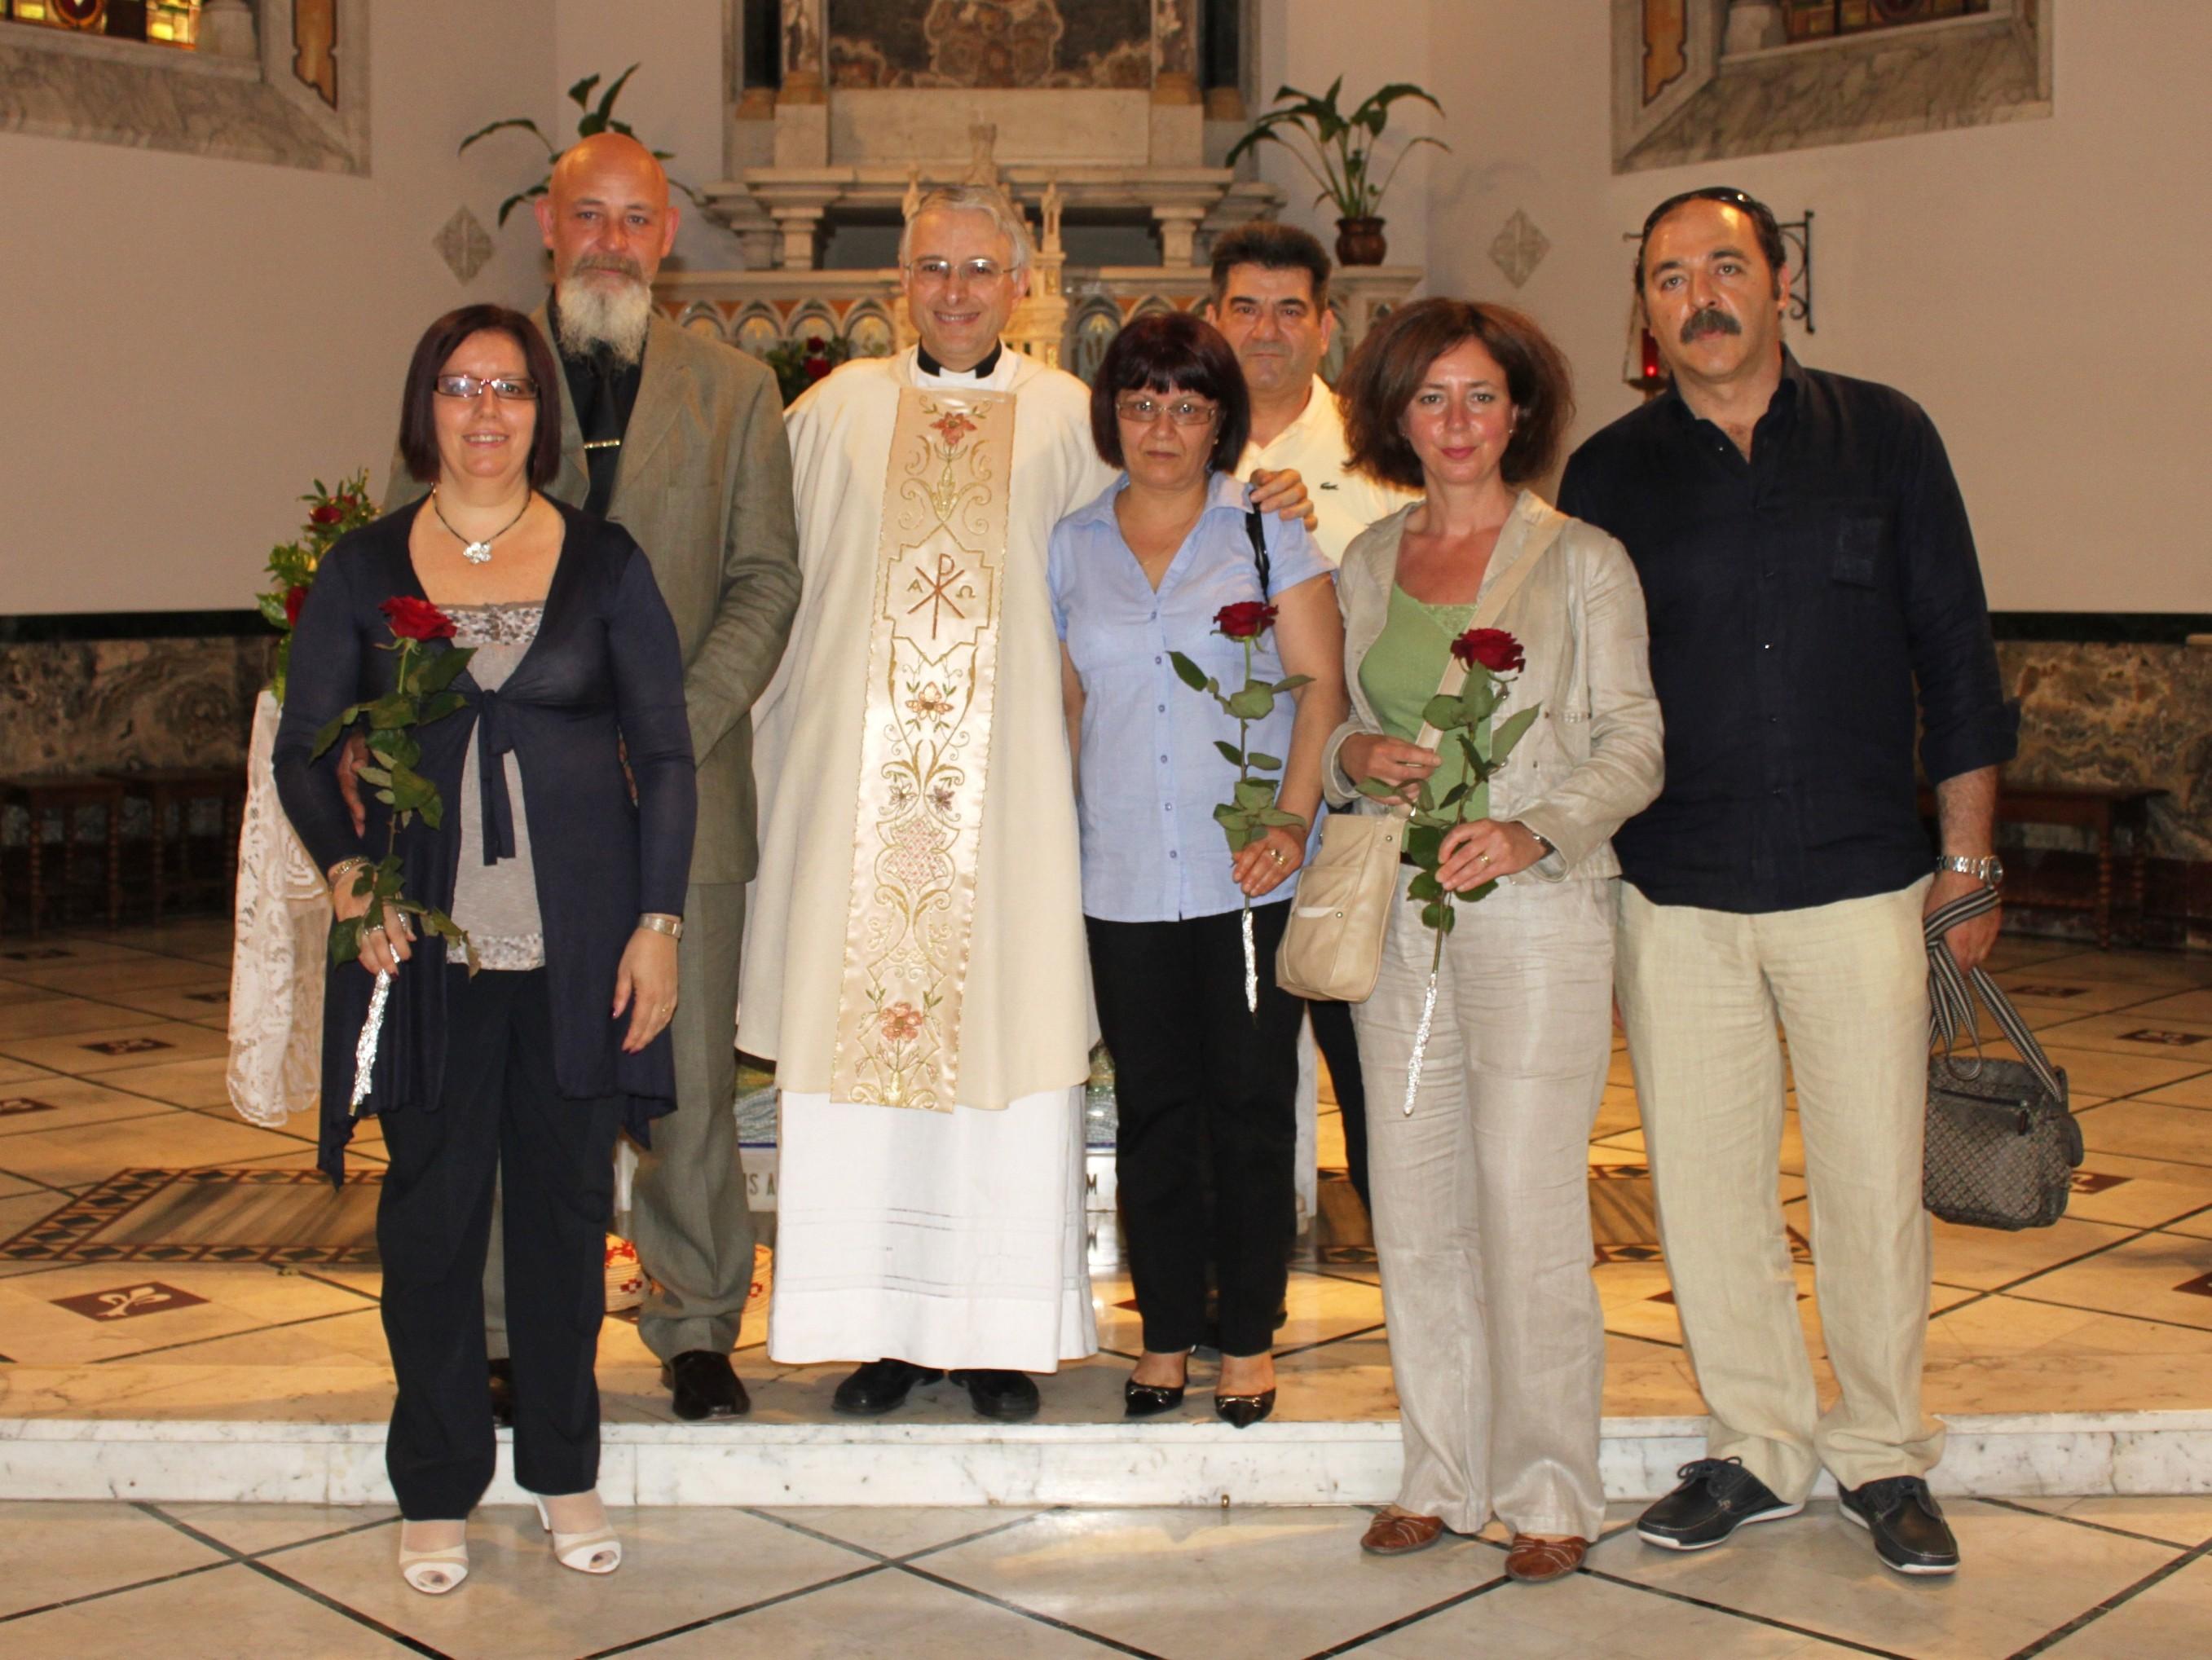 anniversari_matrimonio-2011-06-04-12-19-00